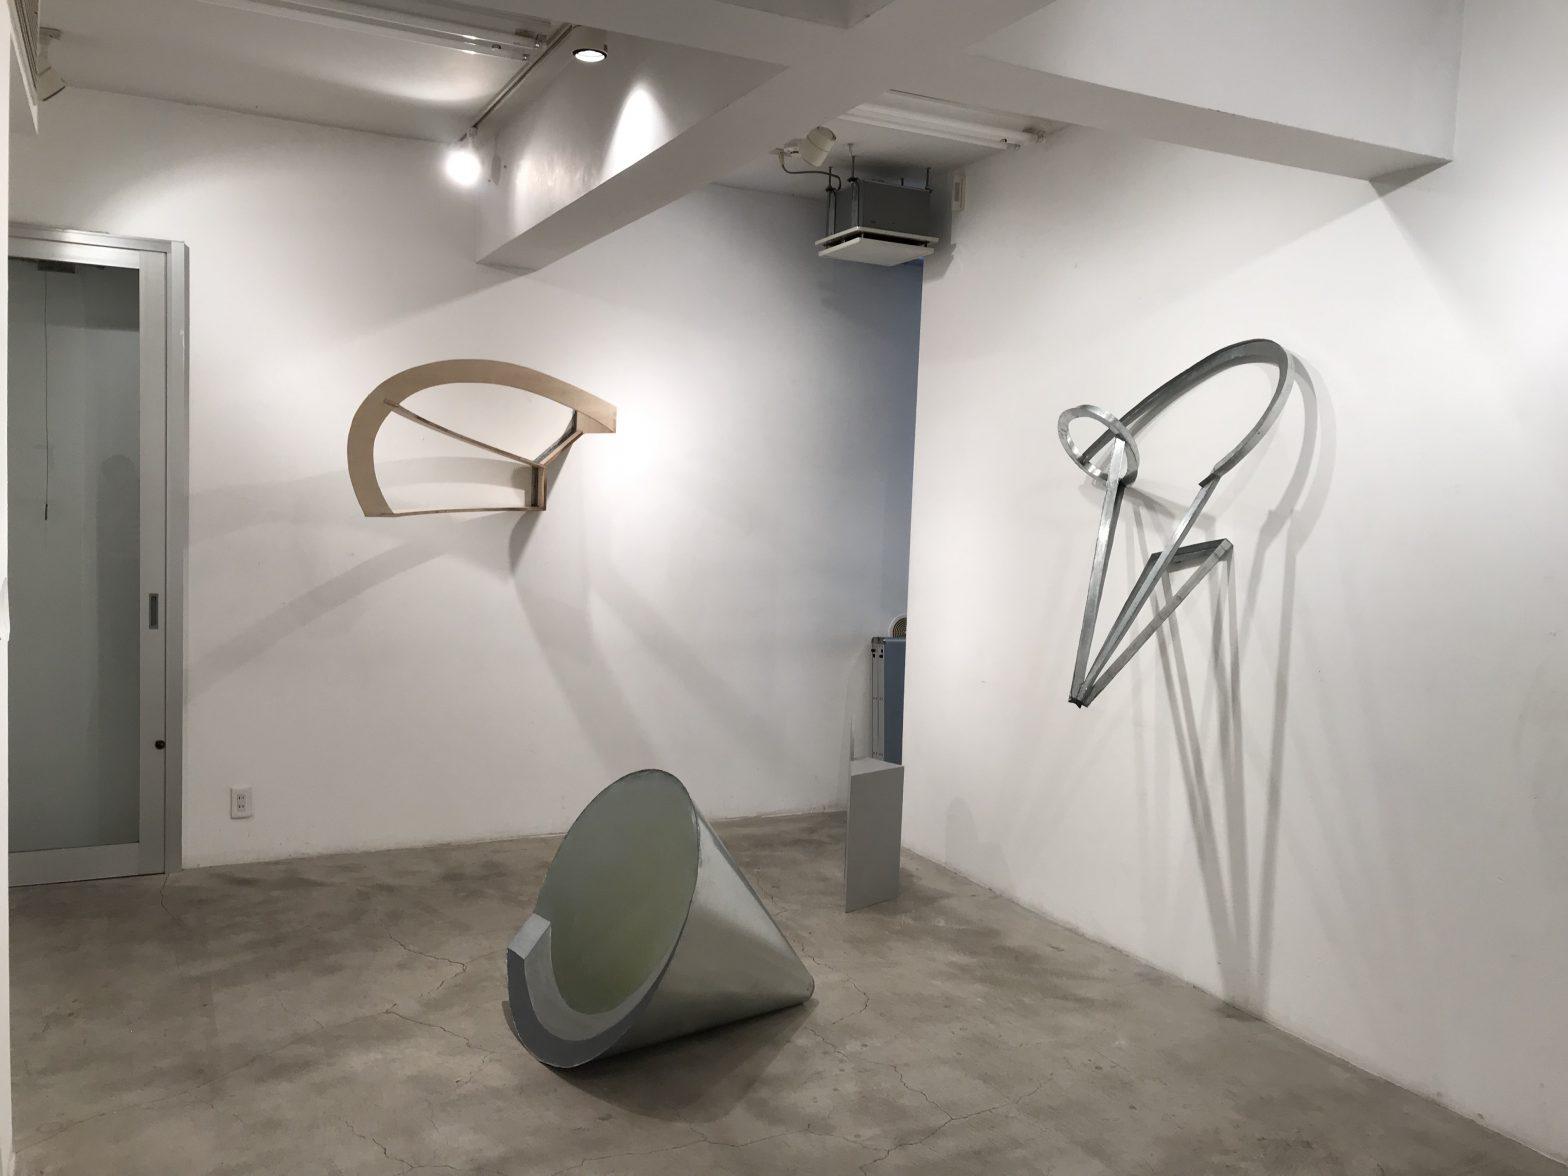 9月7日(土)より、伊藤誠展「知らない場所Ⅱ」が始まります。